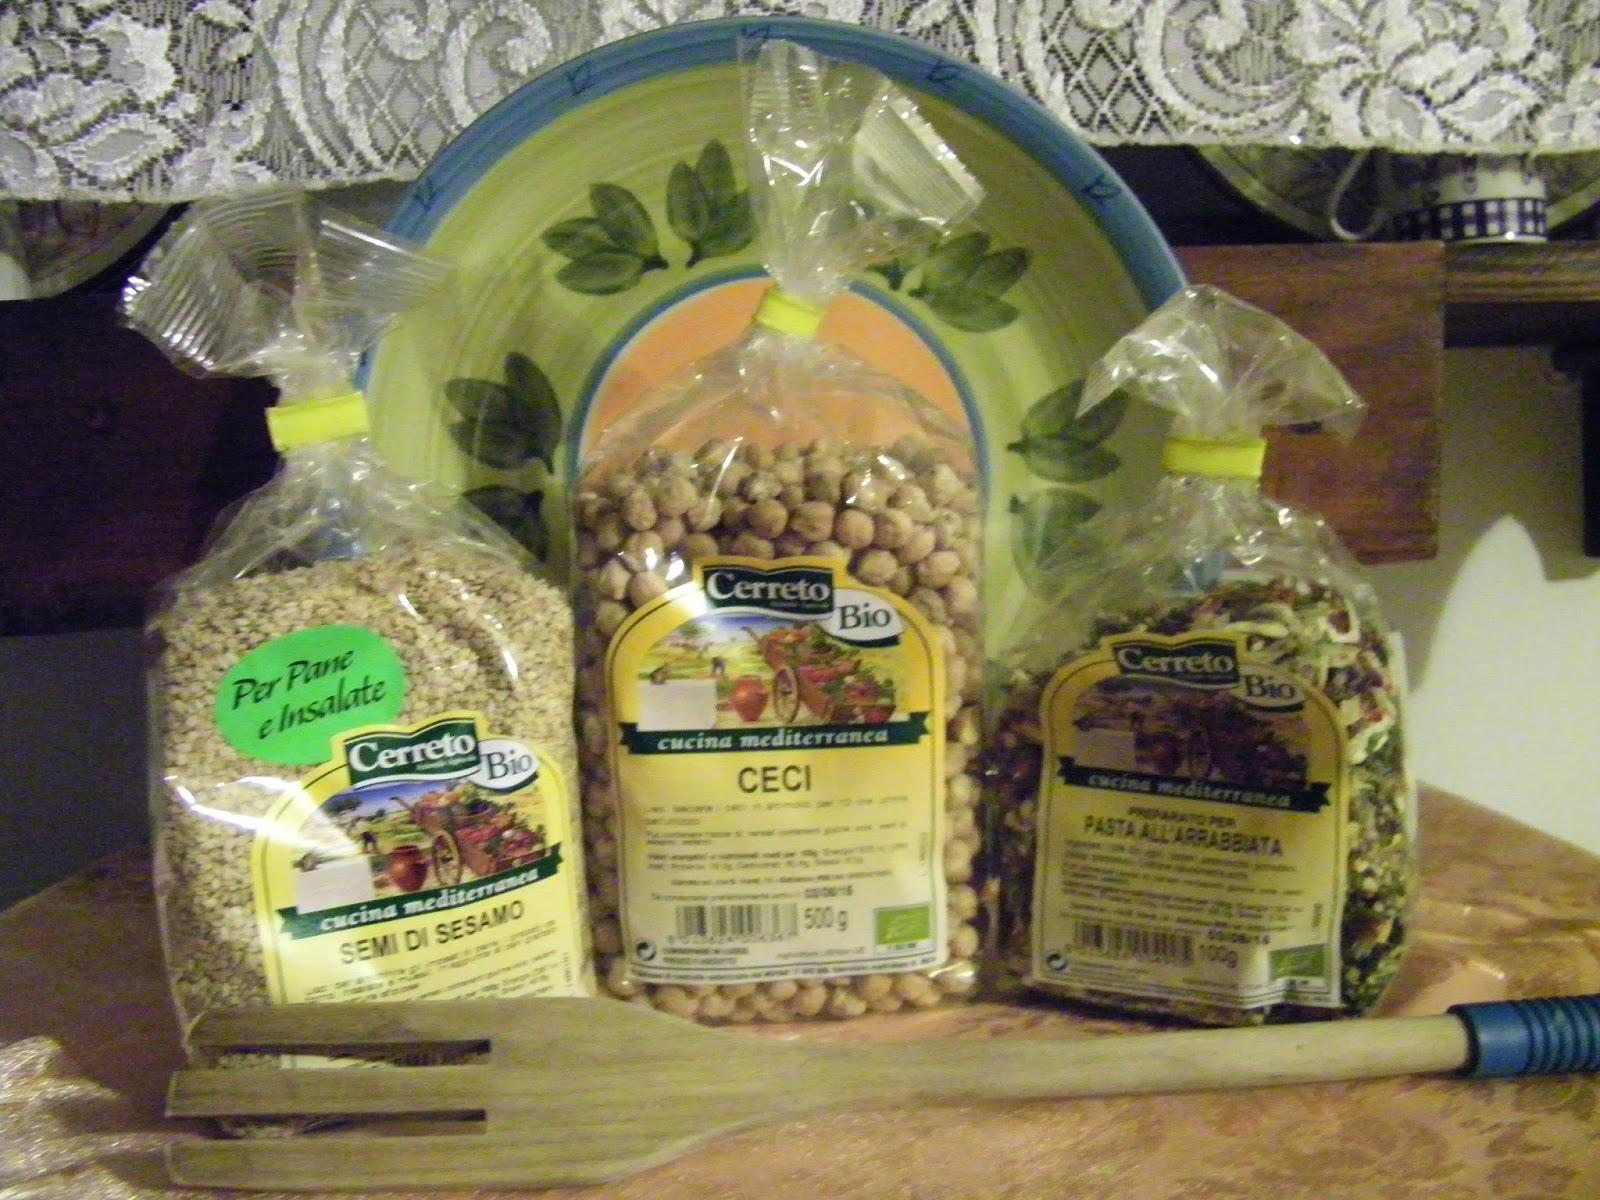 aziende agricole cerreto ,per gli amanti del biologio il meglio dei prodotti bio